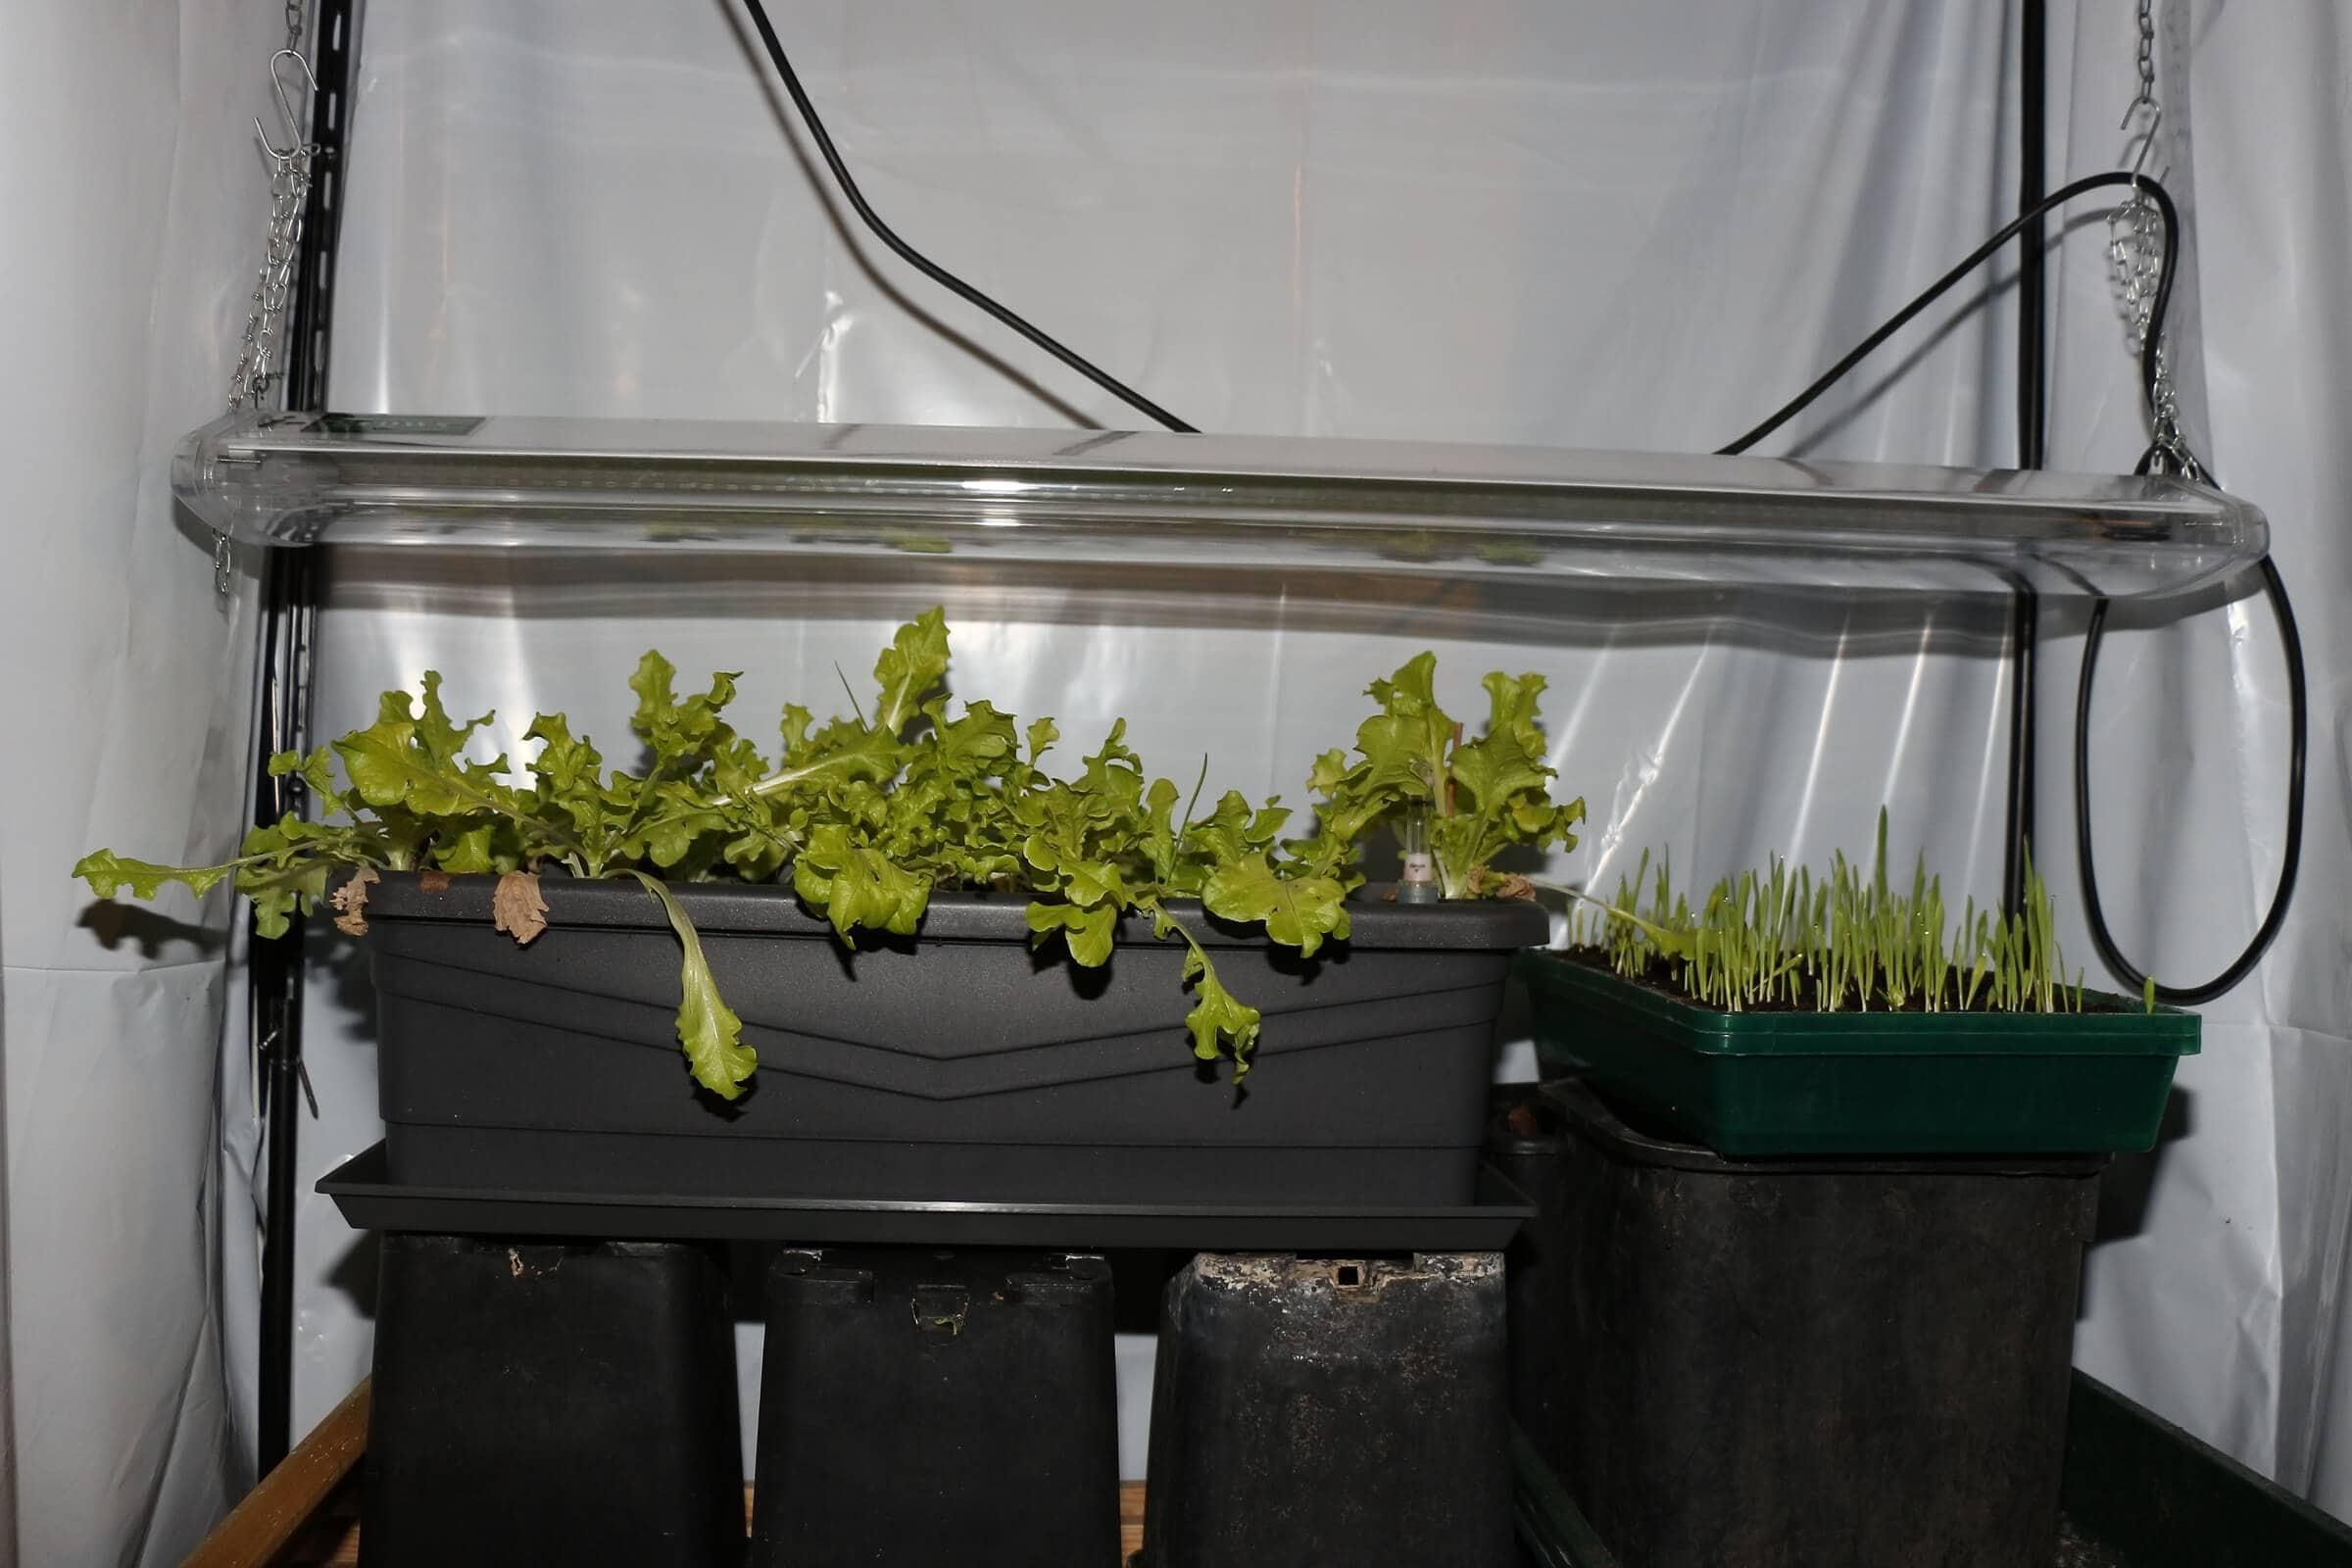 Wenige Tage später wirkt der Salat grüner